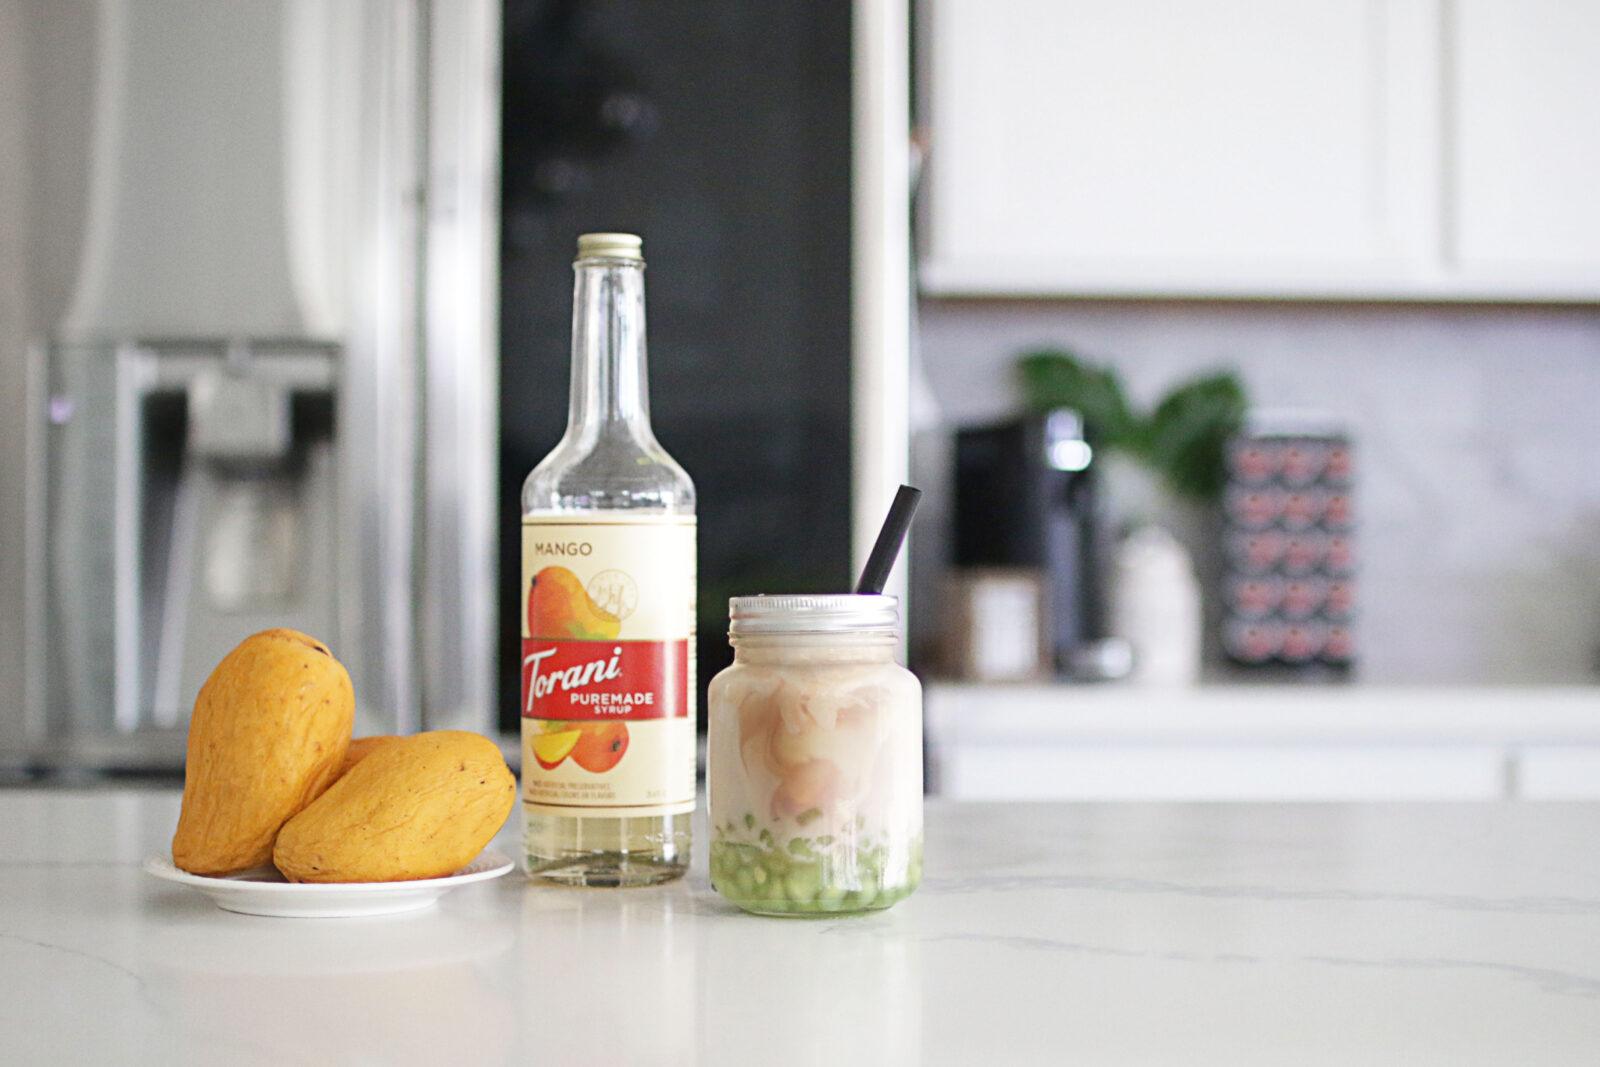 Torani Puremade Mango Syrup